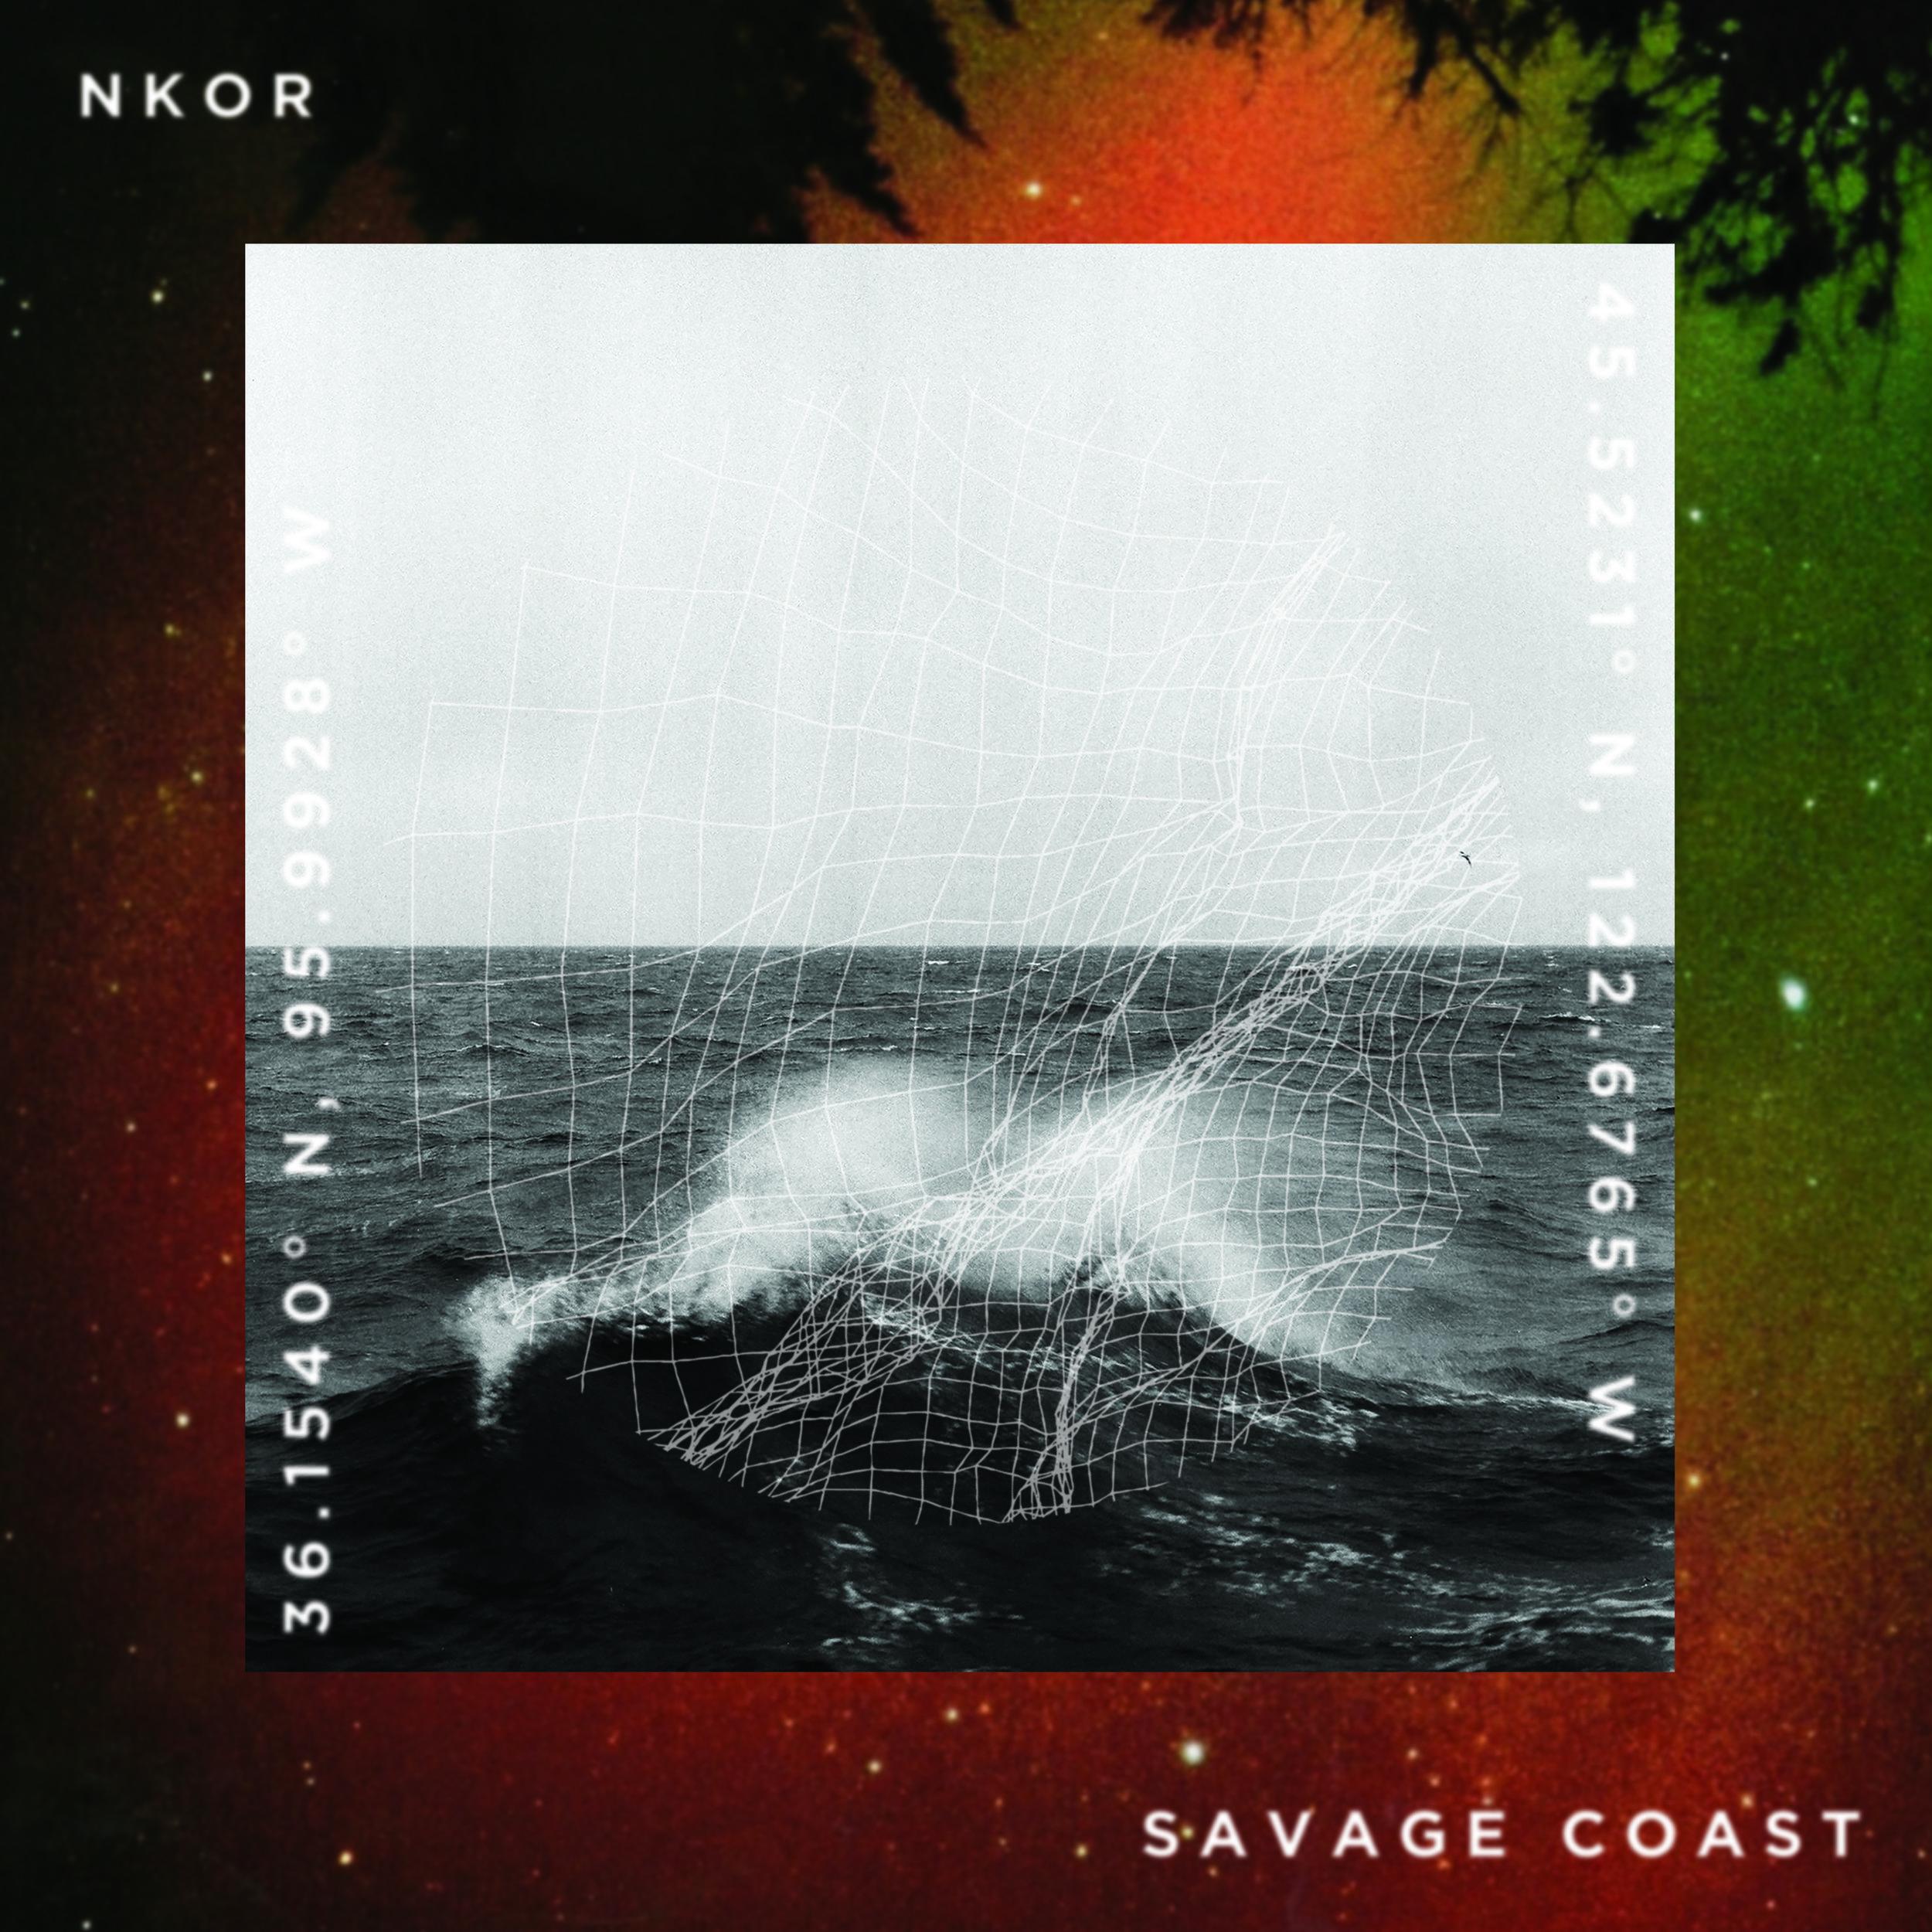 NKOR_Fullsize-Front.jpg